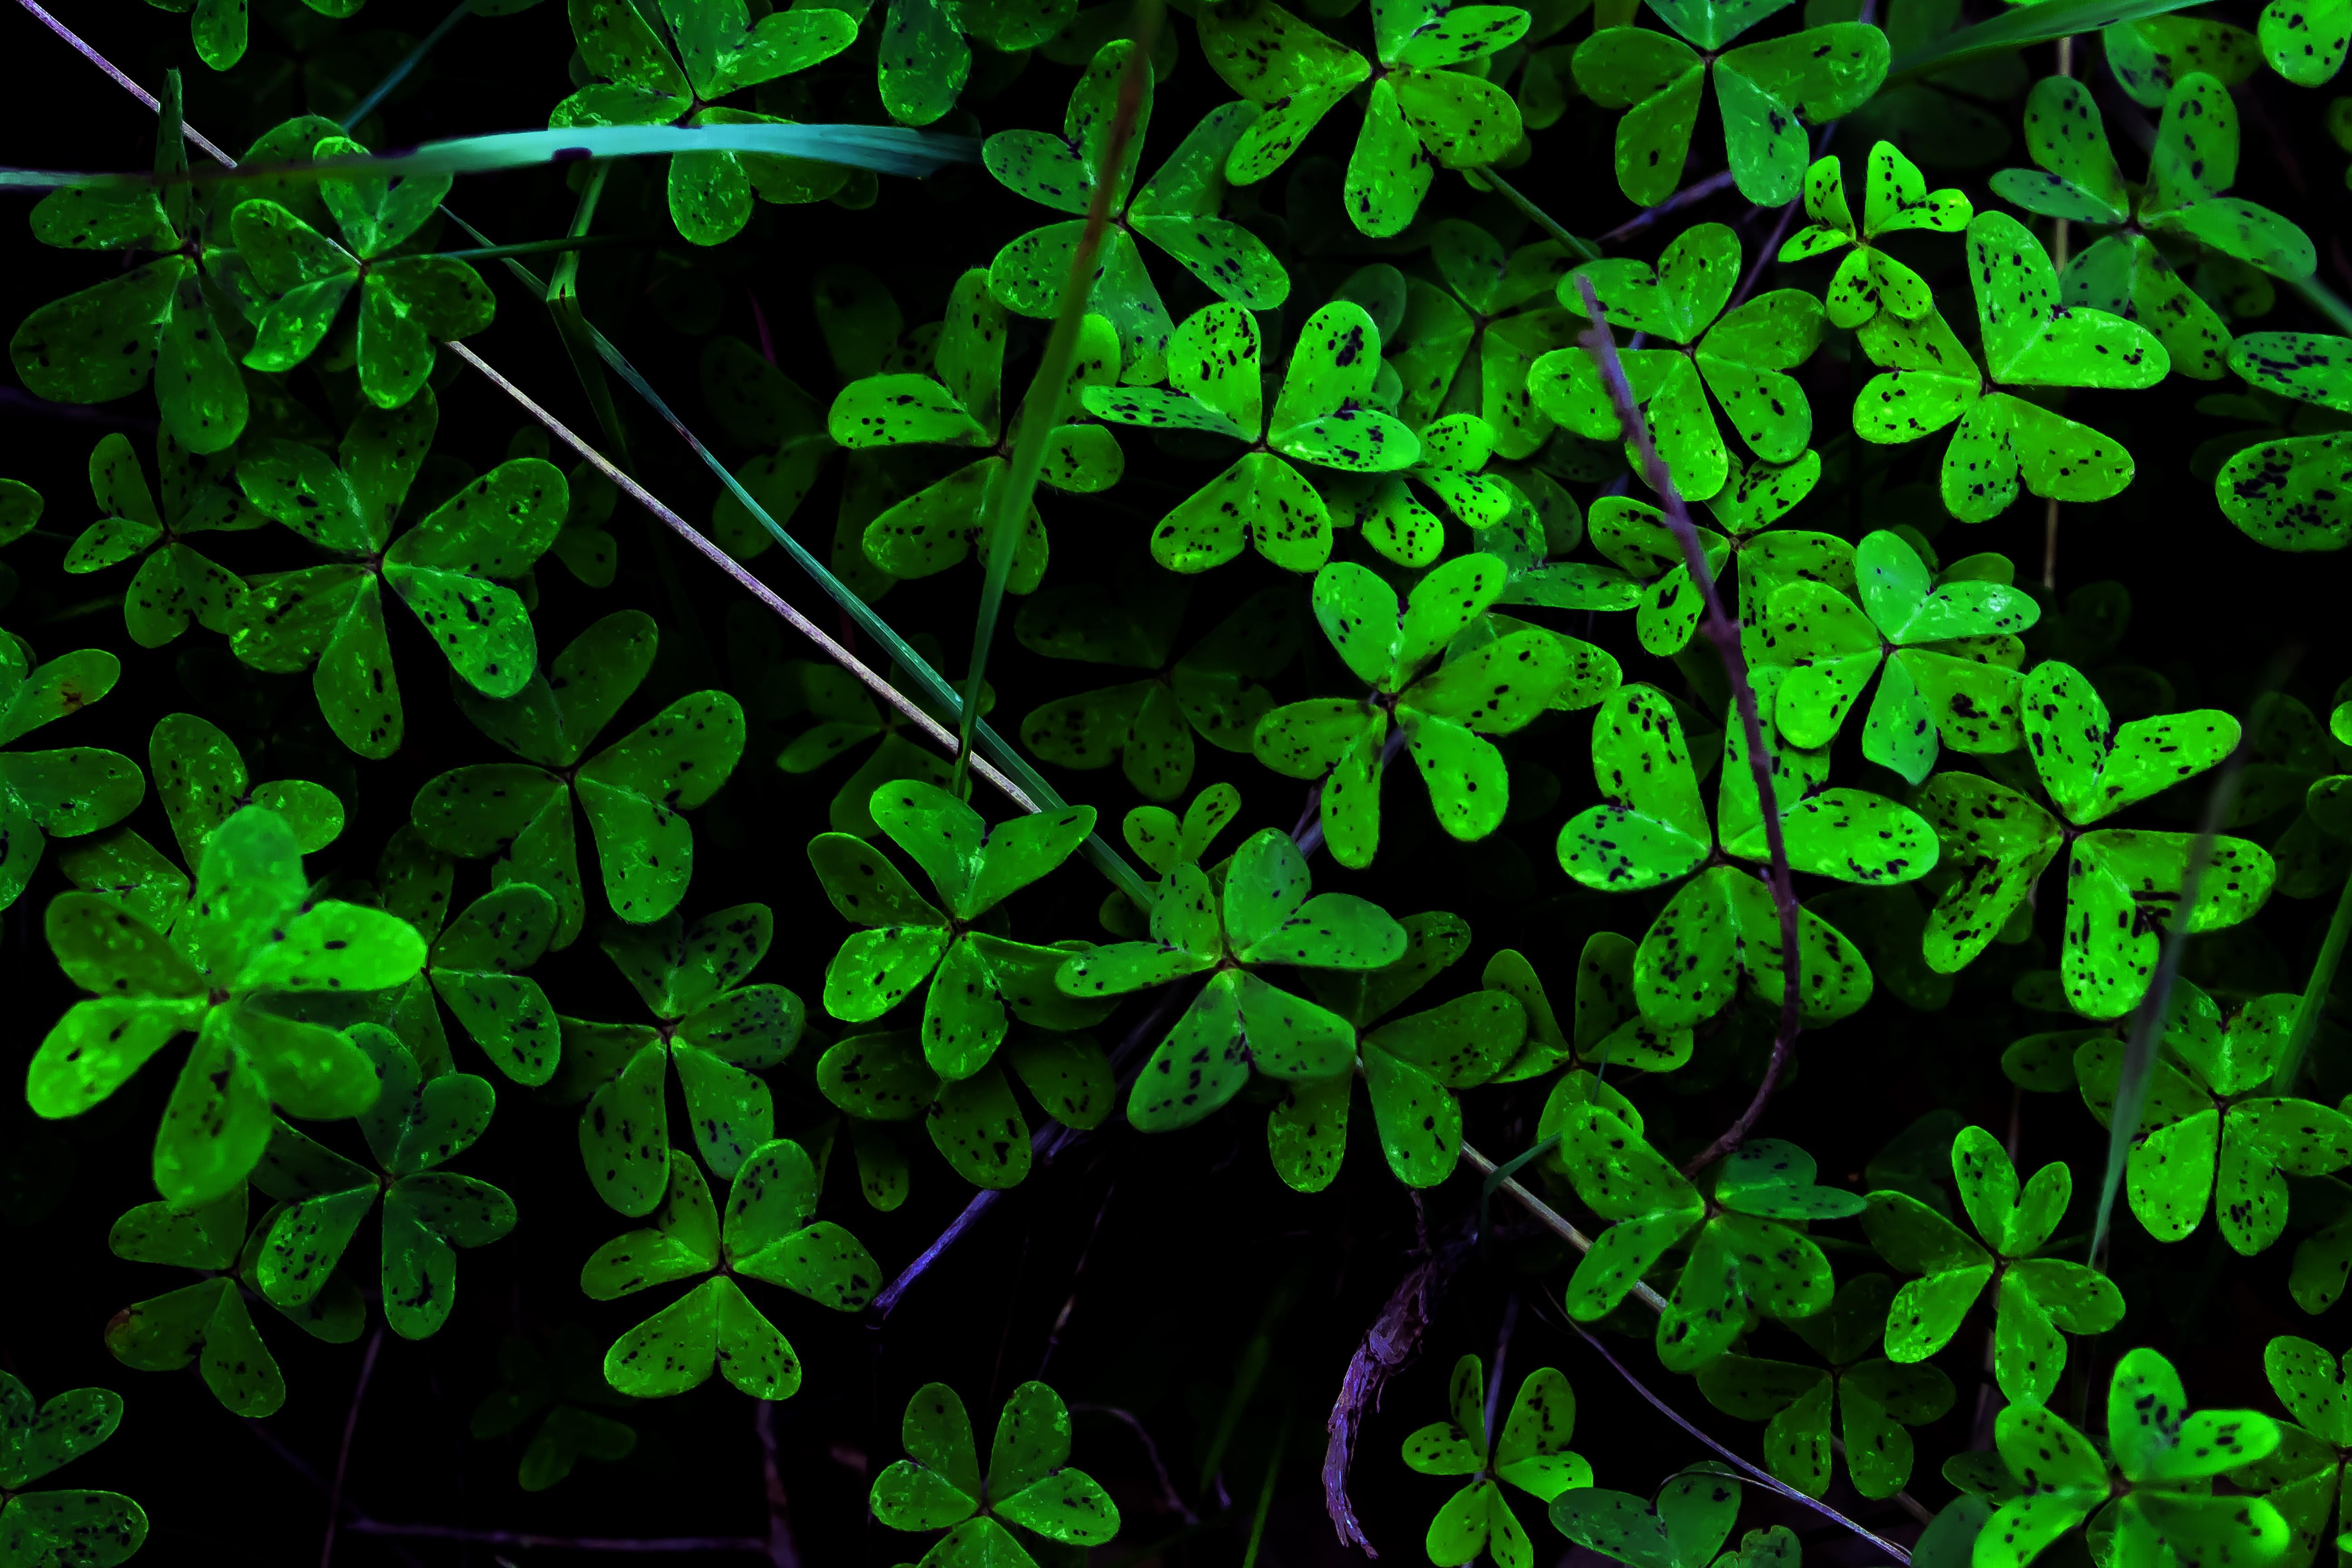 デスクトップ壁紙 自然 緑 ハーブ 幸運を得る 葉 工場